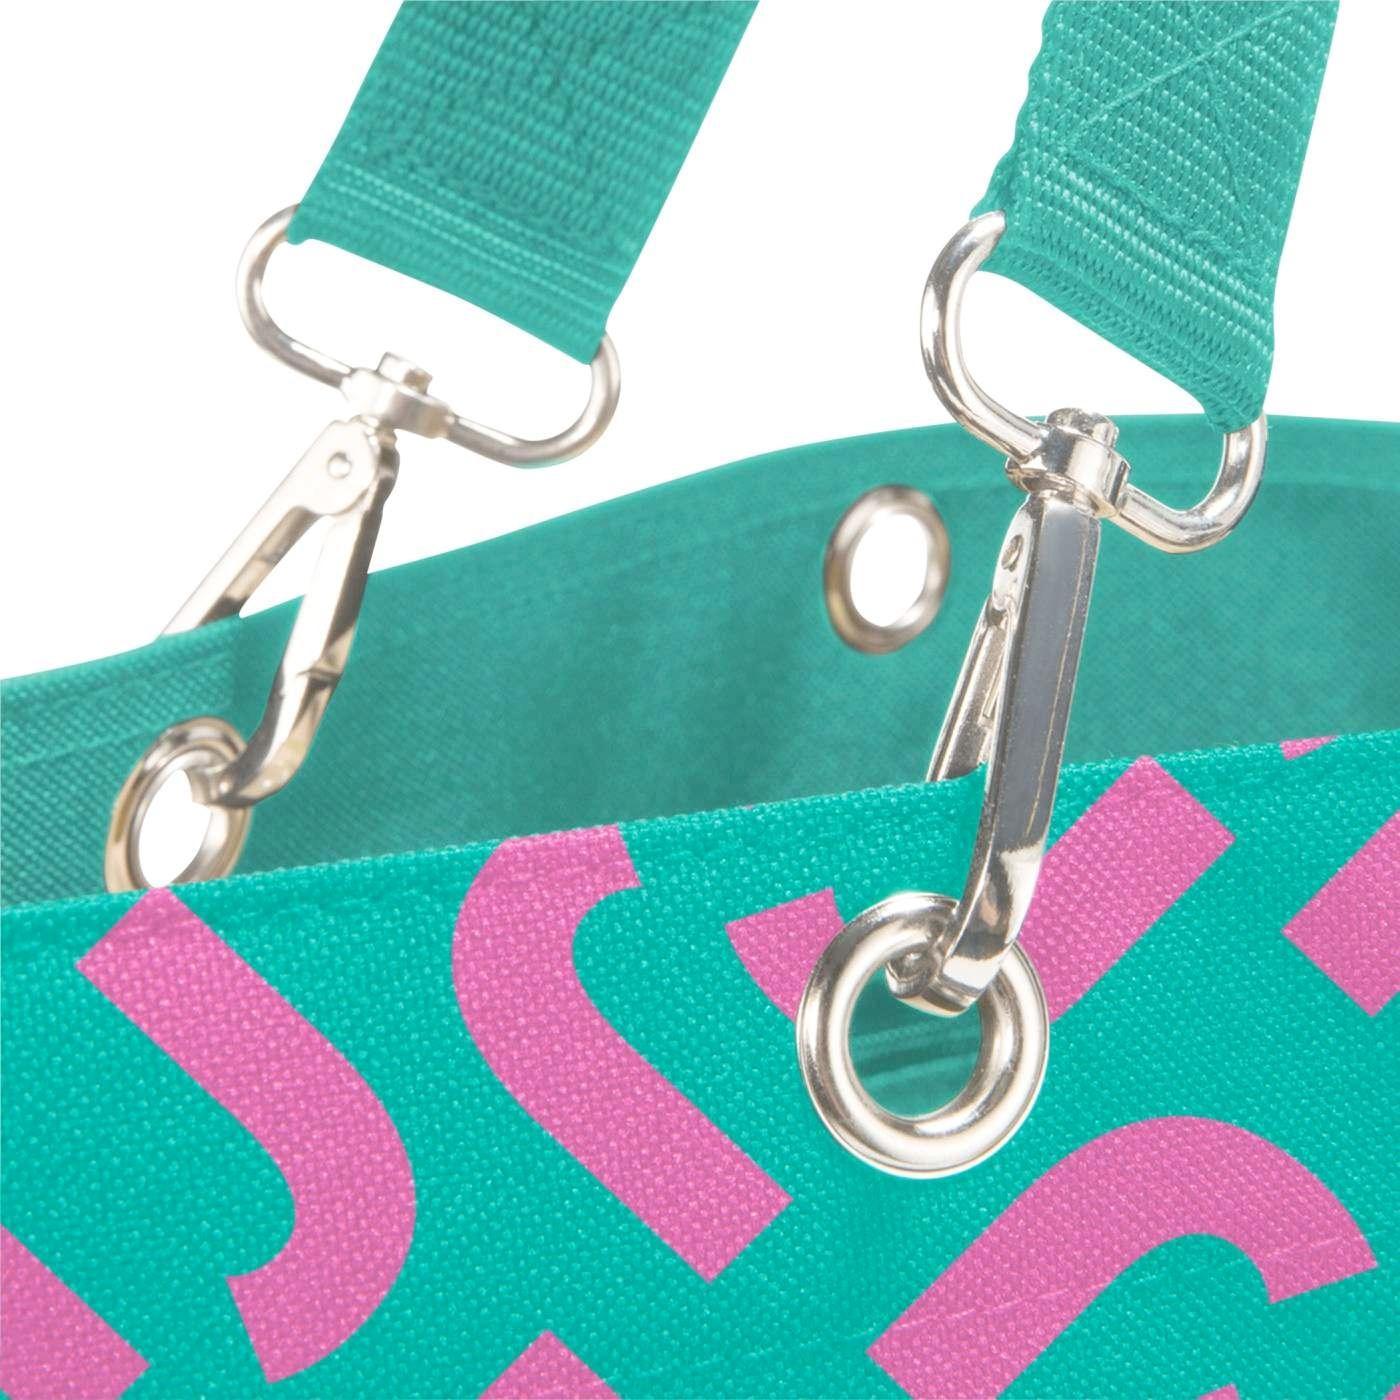 Nákupní taška Shopper XL signature spectra green_0